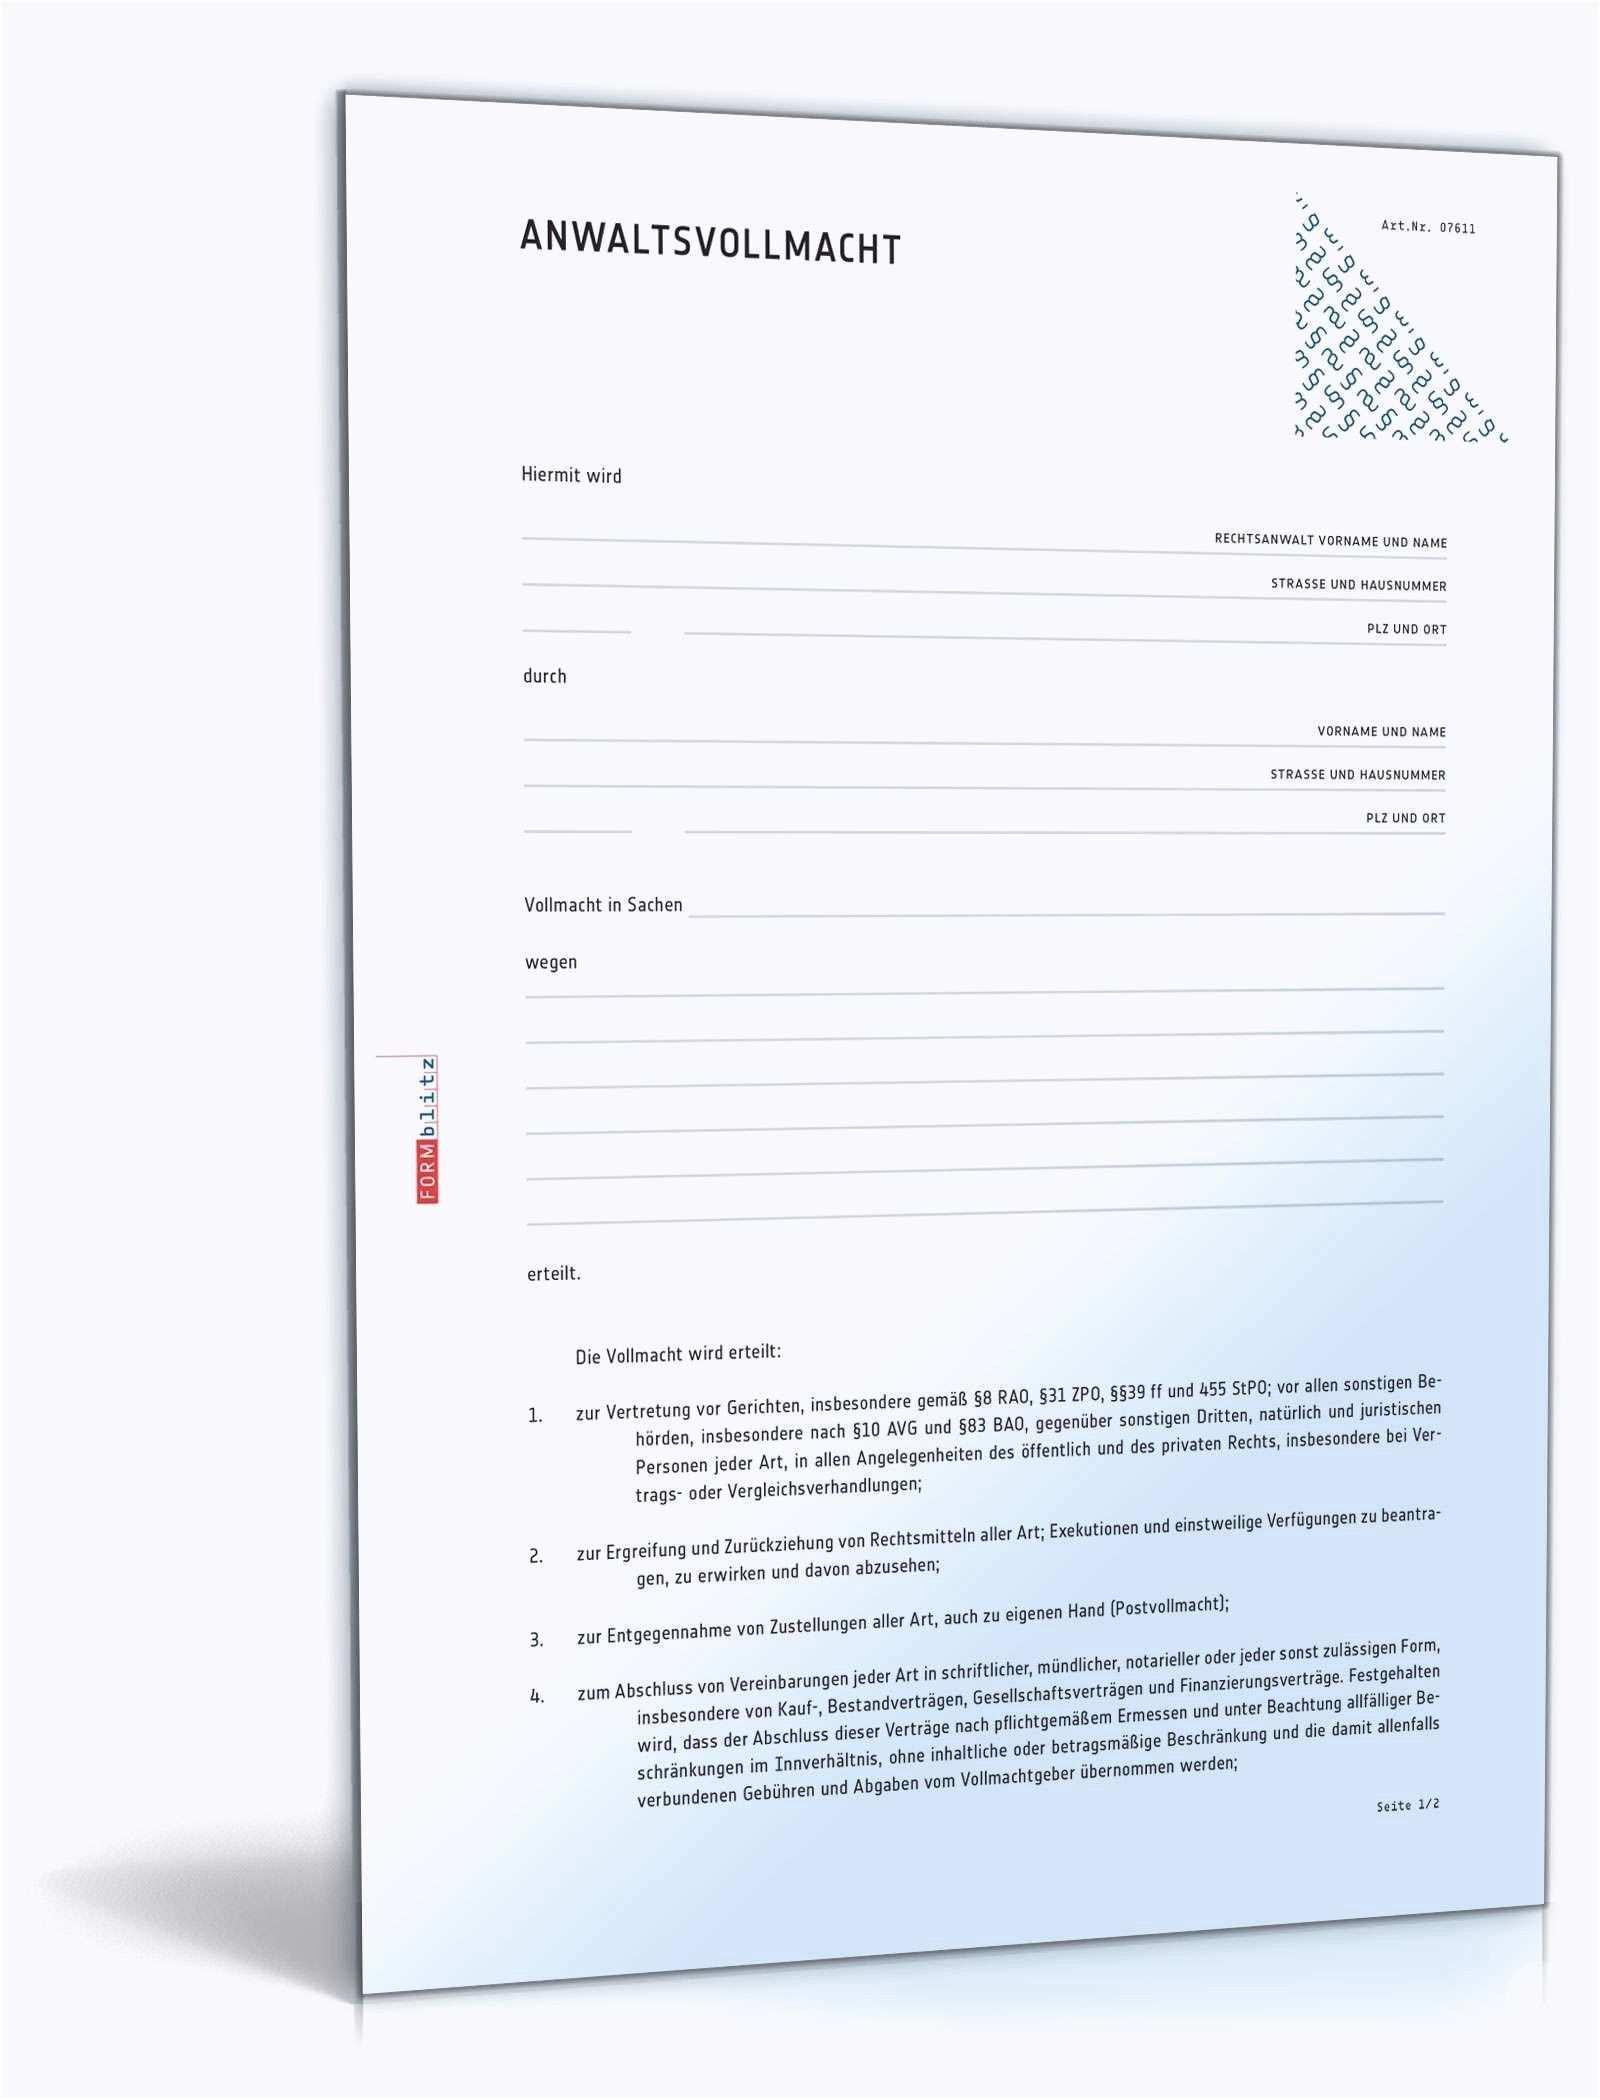 Einzigartig Gelangensbestatigung Muster Word Dokument Briefprobe Briefformat Briefvorlage Briefvorlagen Vollmacht Vorlagen Word